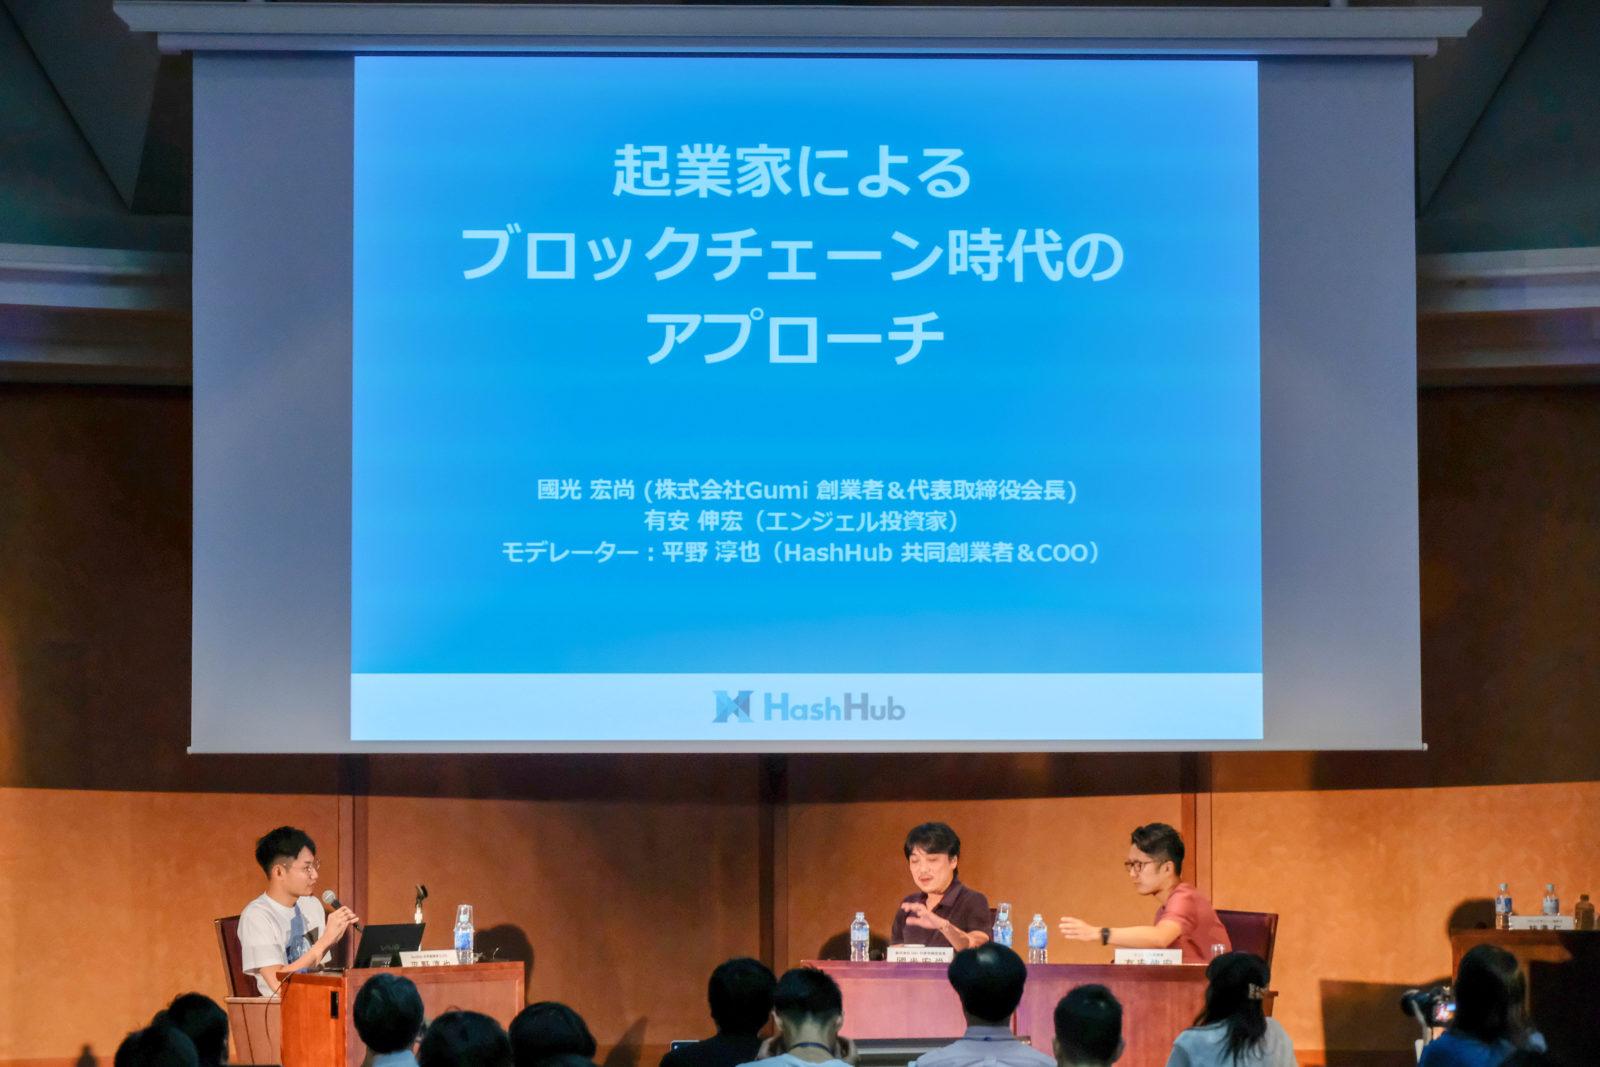 「いまブロックチェーンで起業できる人は幸せ」とgumi國光宏尚氏らが学生にアドバイス~HashHub Conference 2018レポート